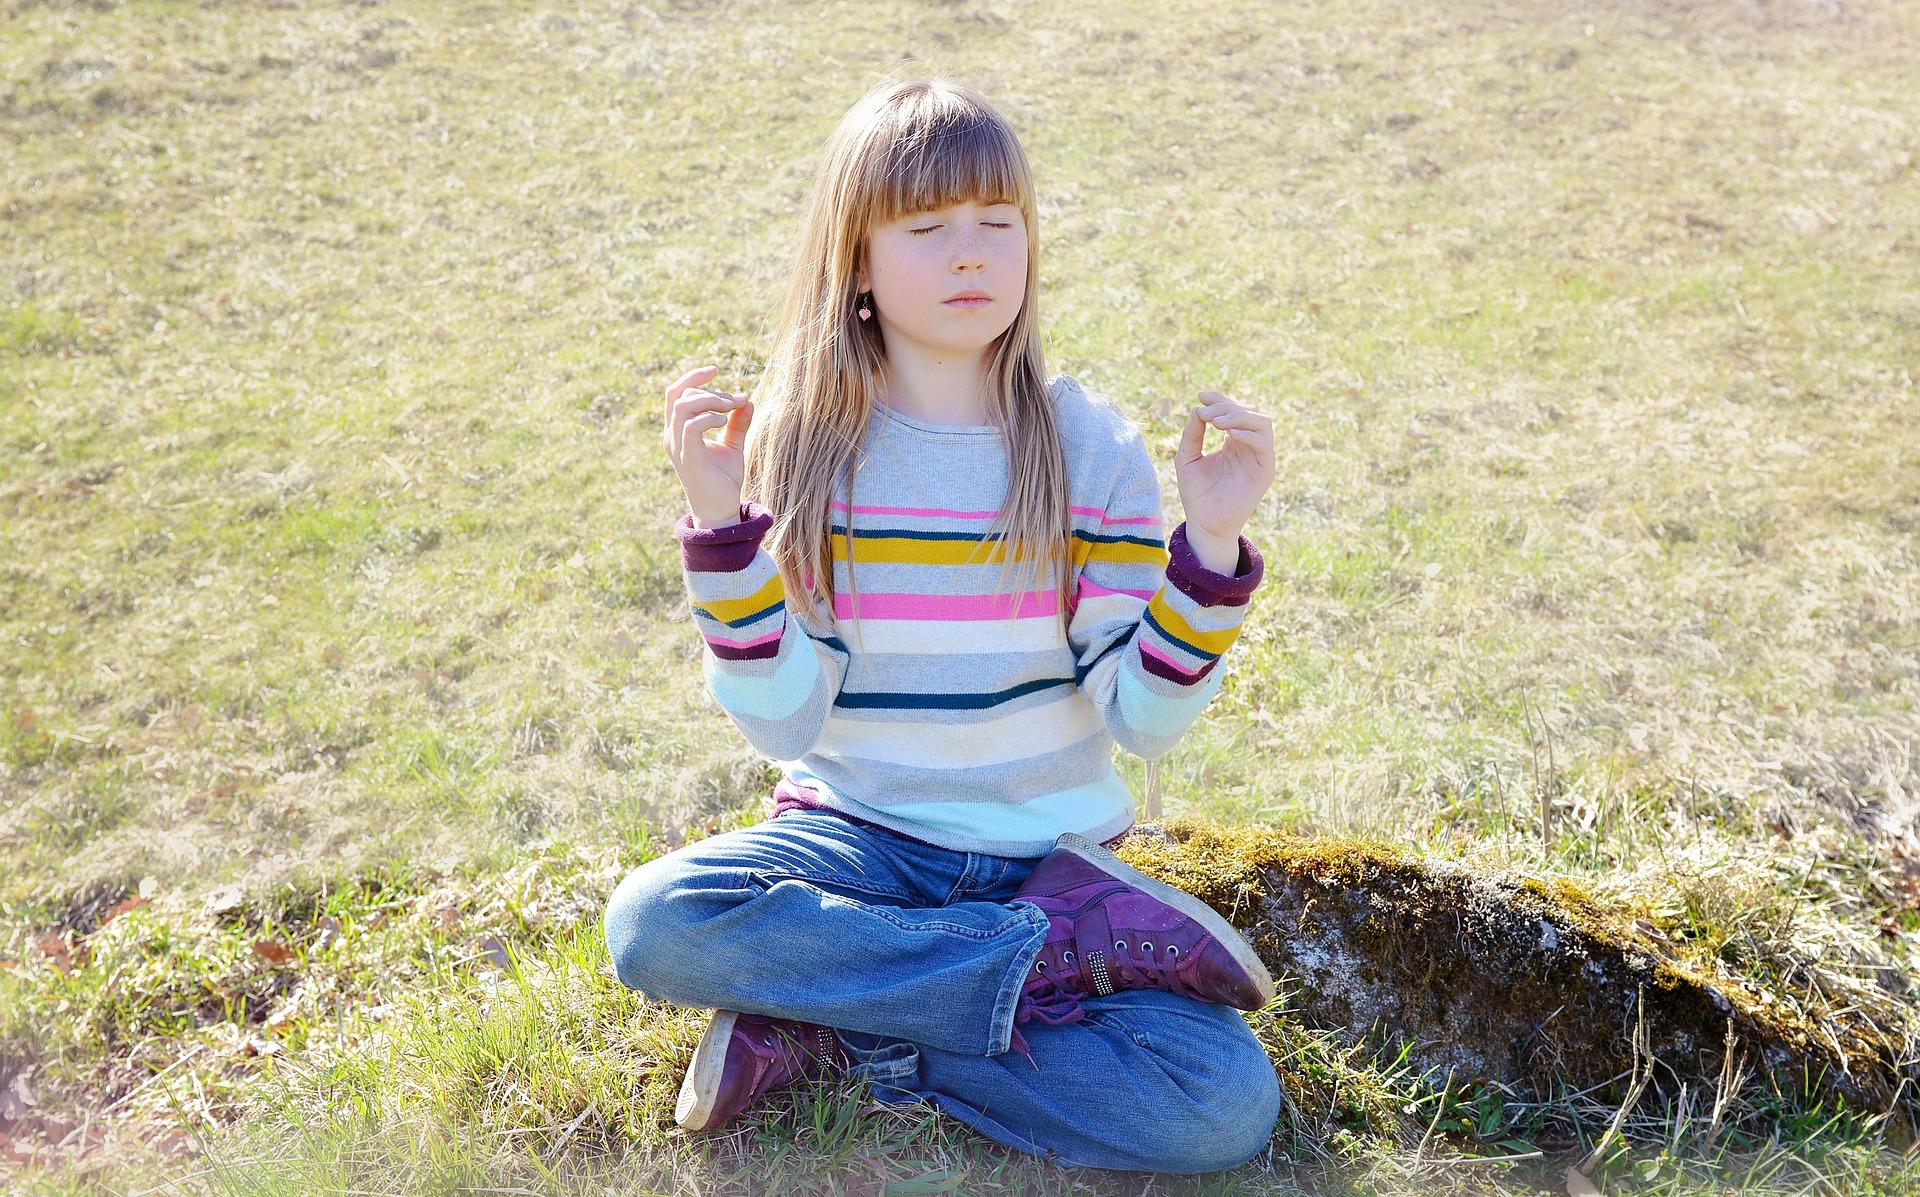 世界で一番優しい瞑想法、「マインドフルネス瞑想法」を学ぶ。